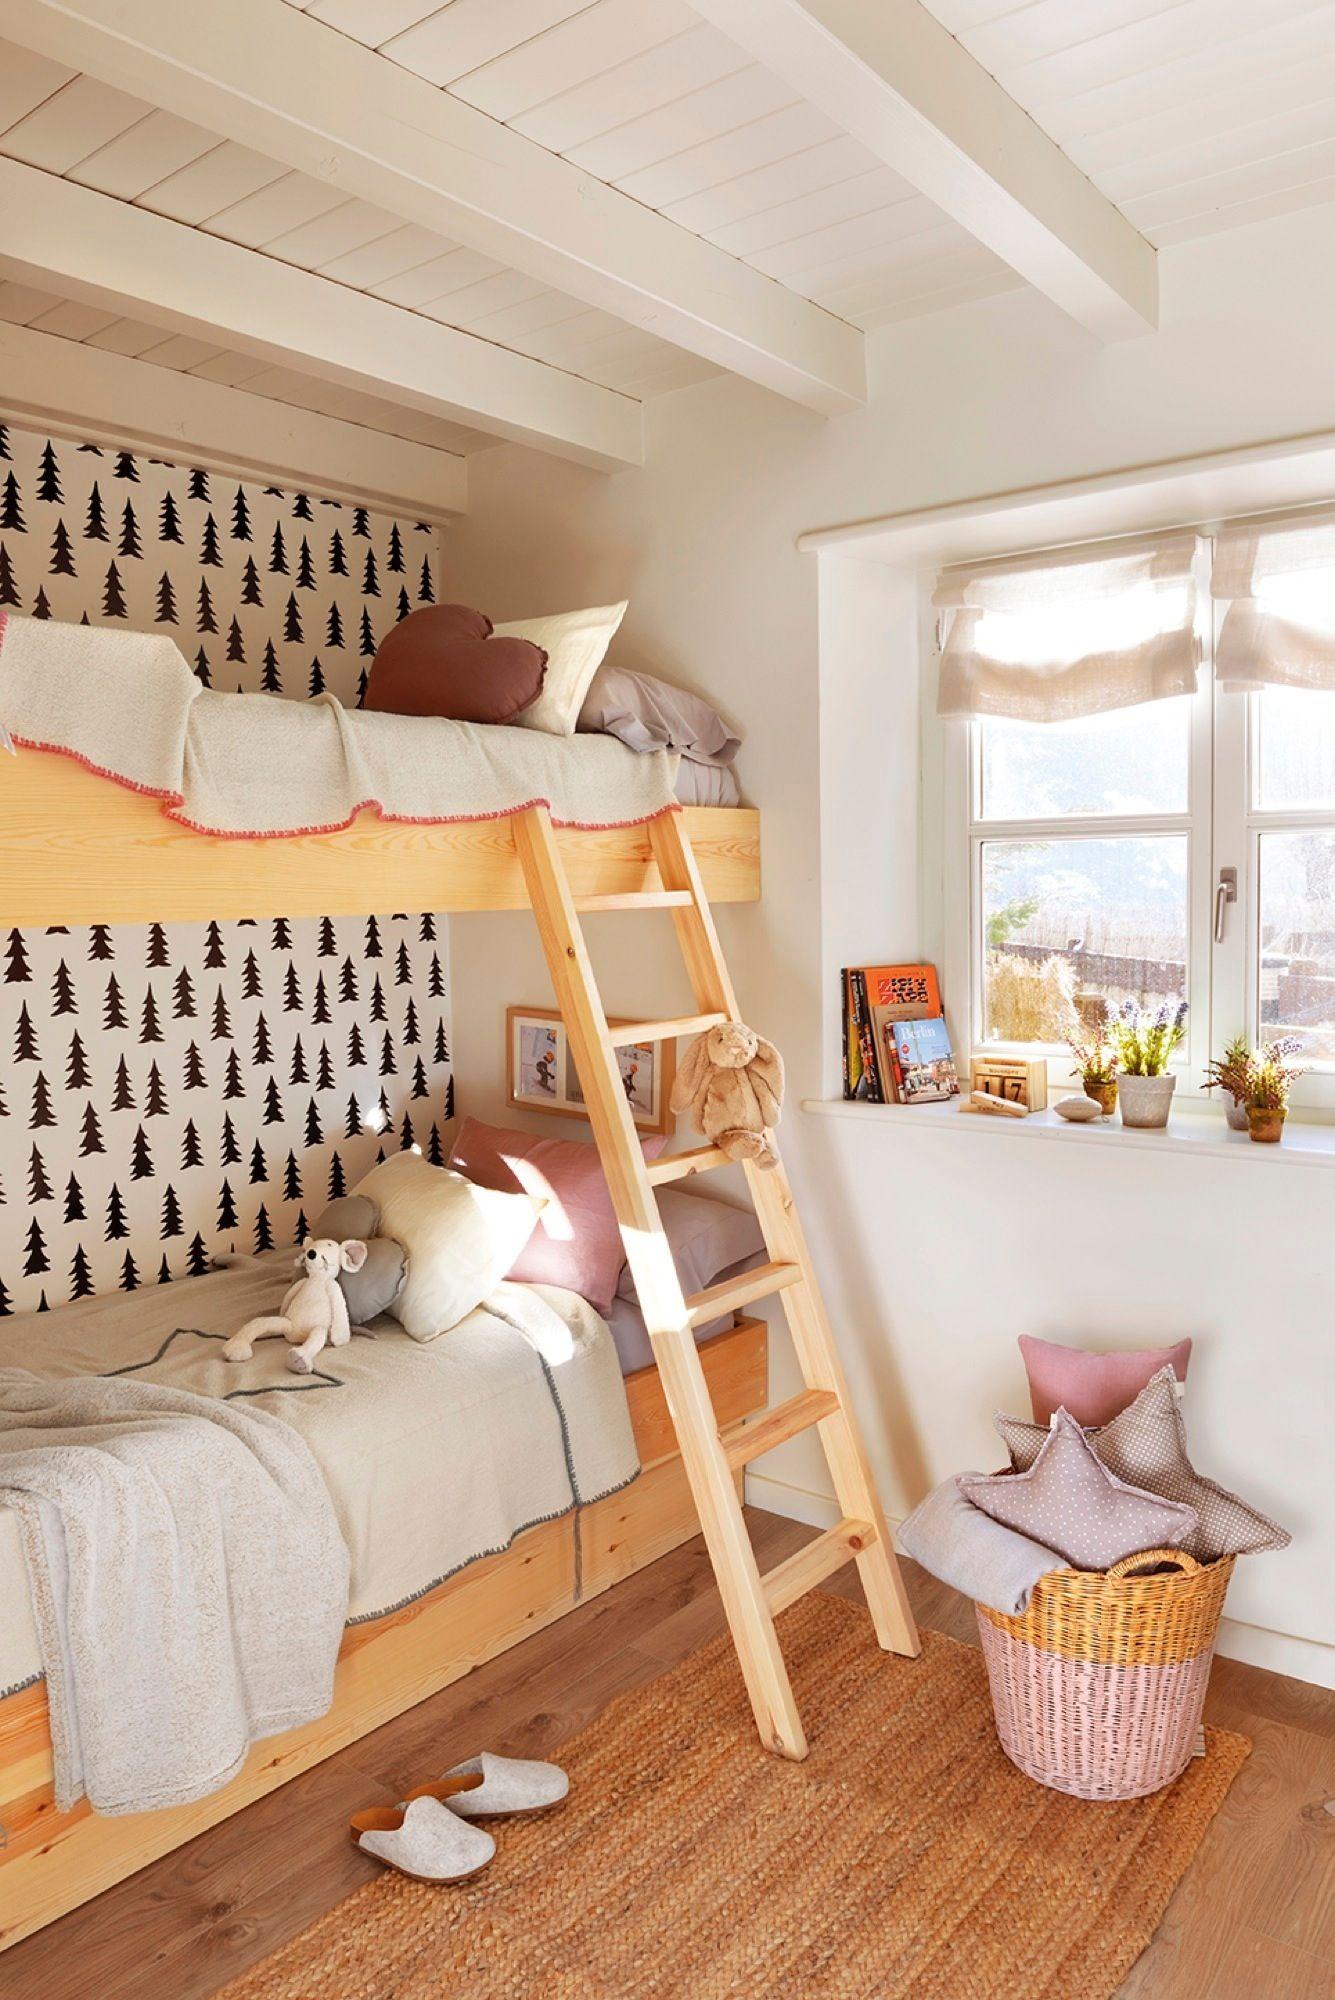 Dormitorio Infantil Decorado Con Papel Pintado Babies Nurseries  ~ Ideas Decorar Habitacion Infantil